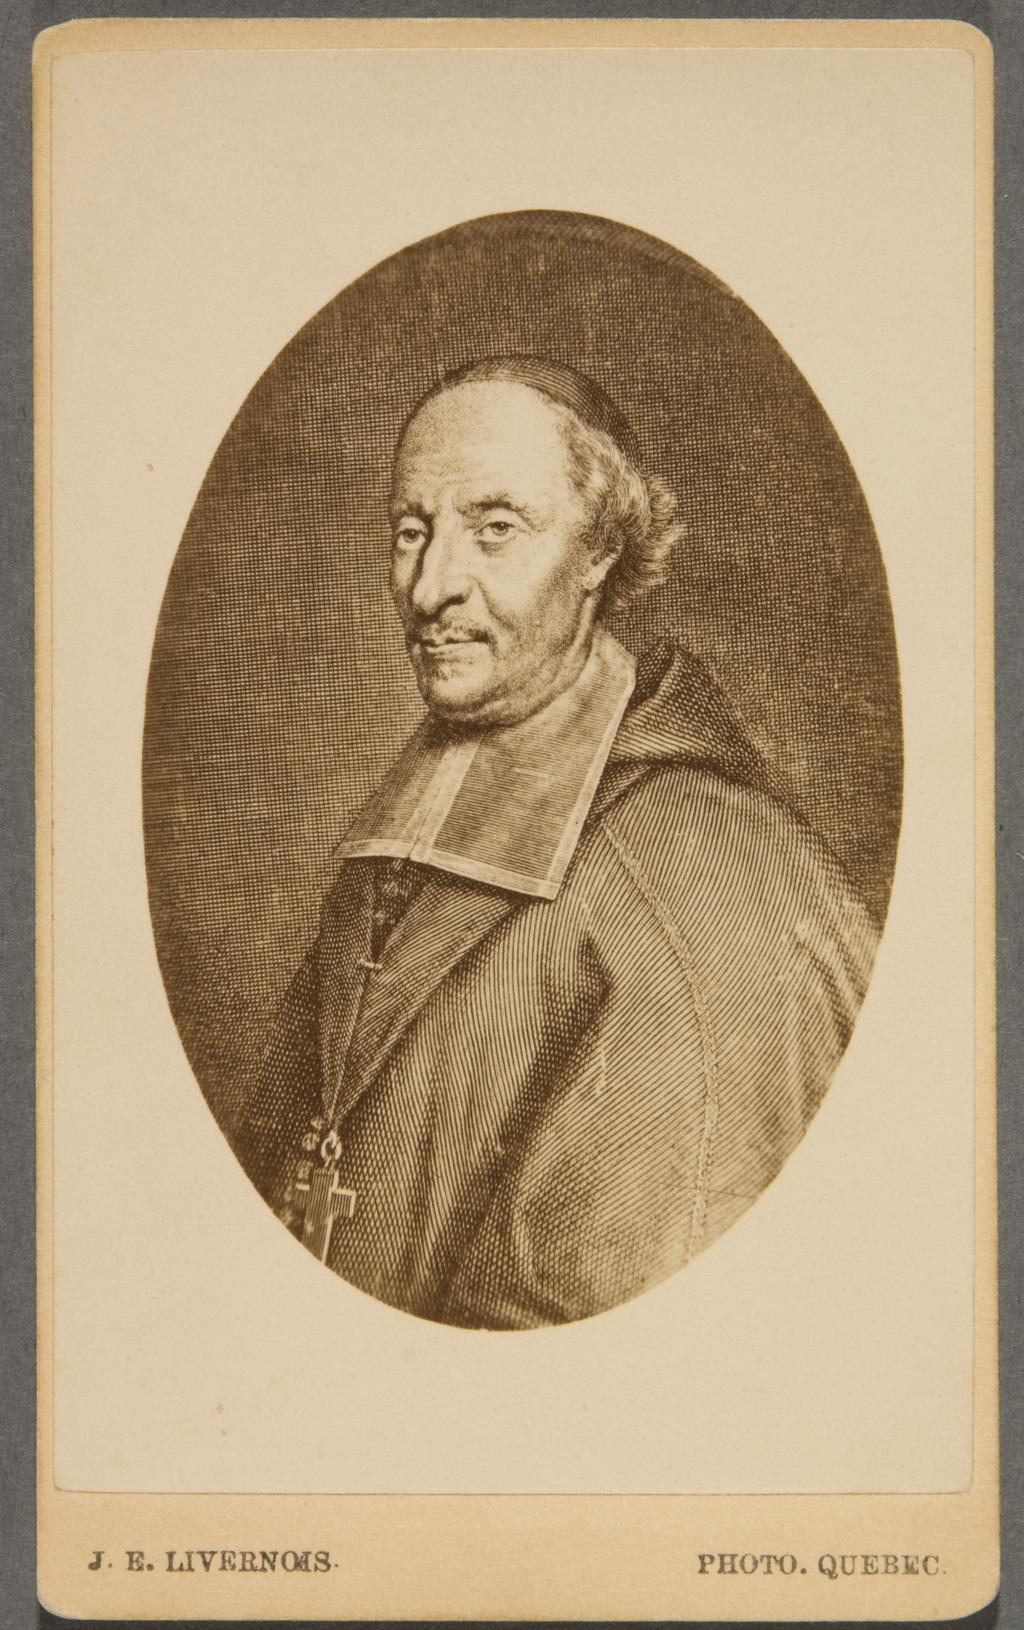 Monseigneur François de Laval. Photographie d'une gravure